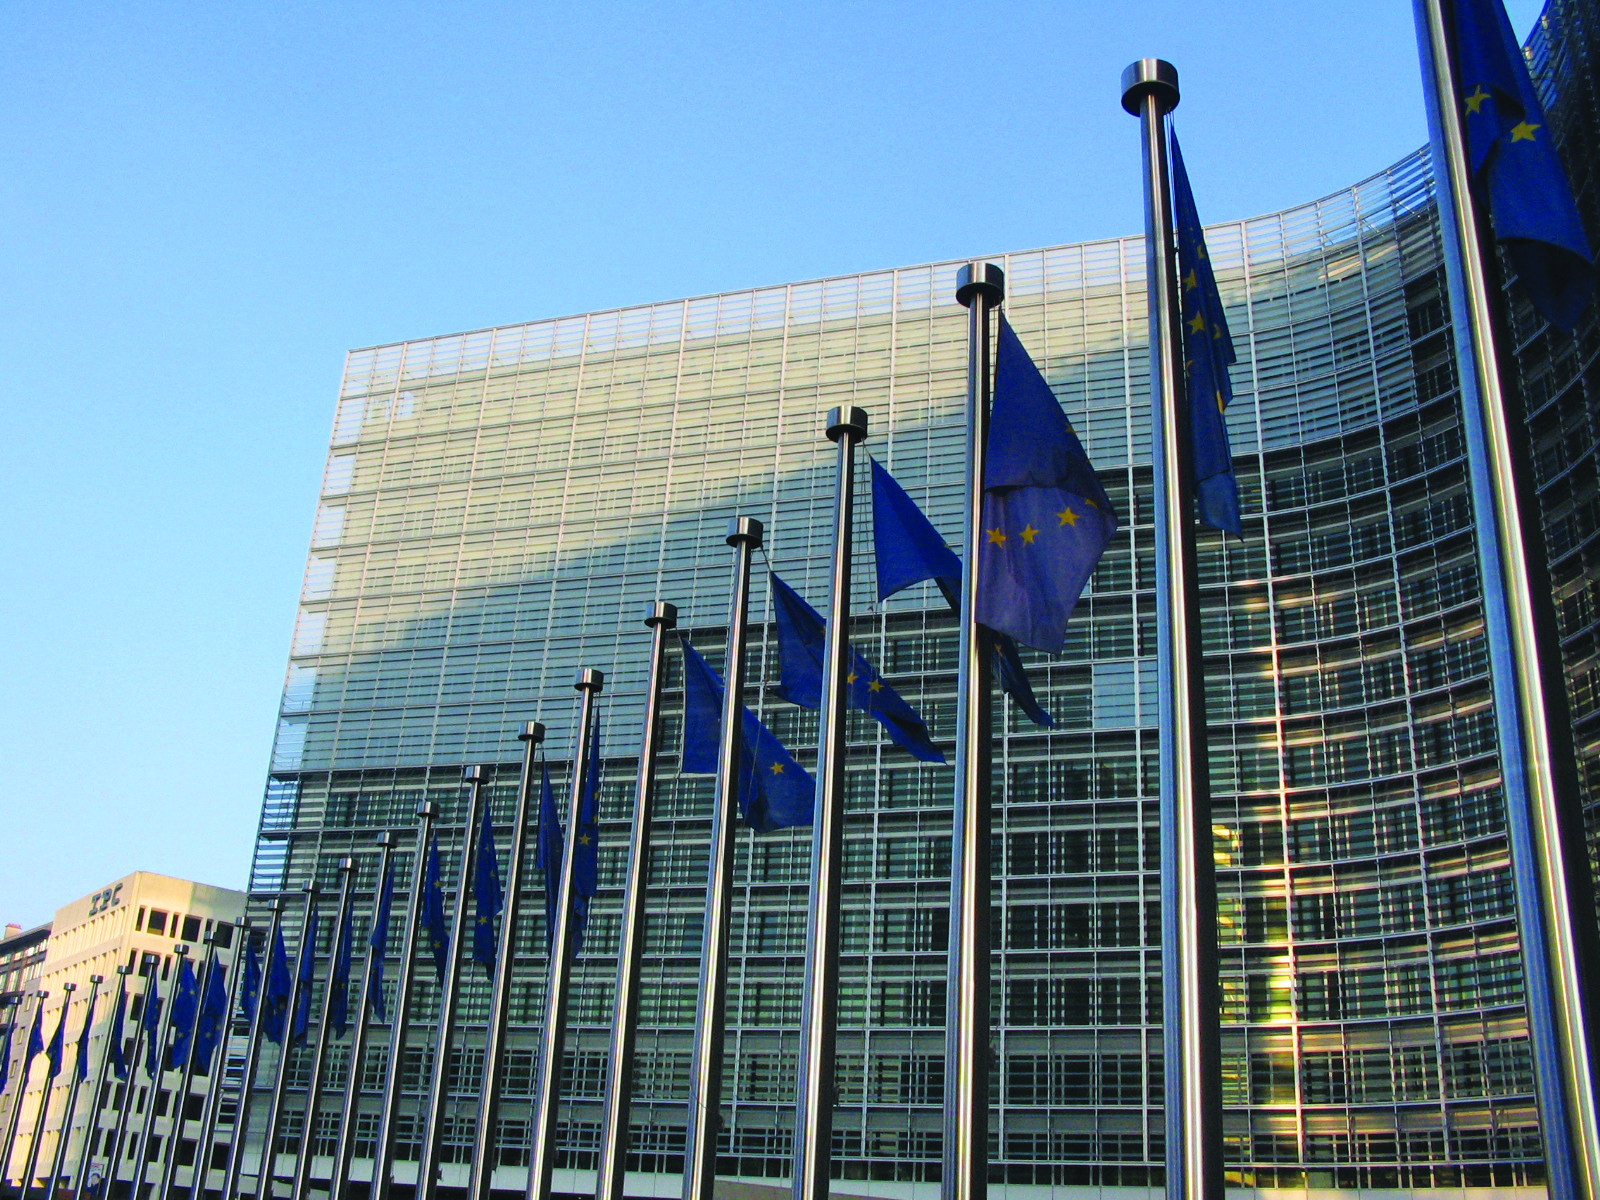 commissione europea - photo #13